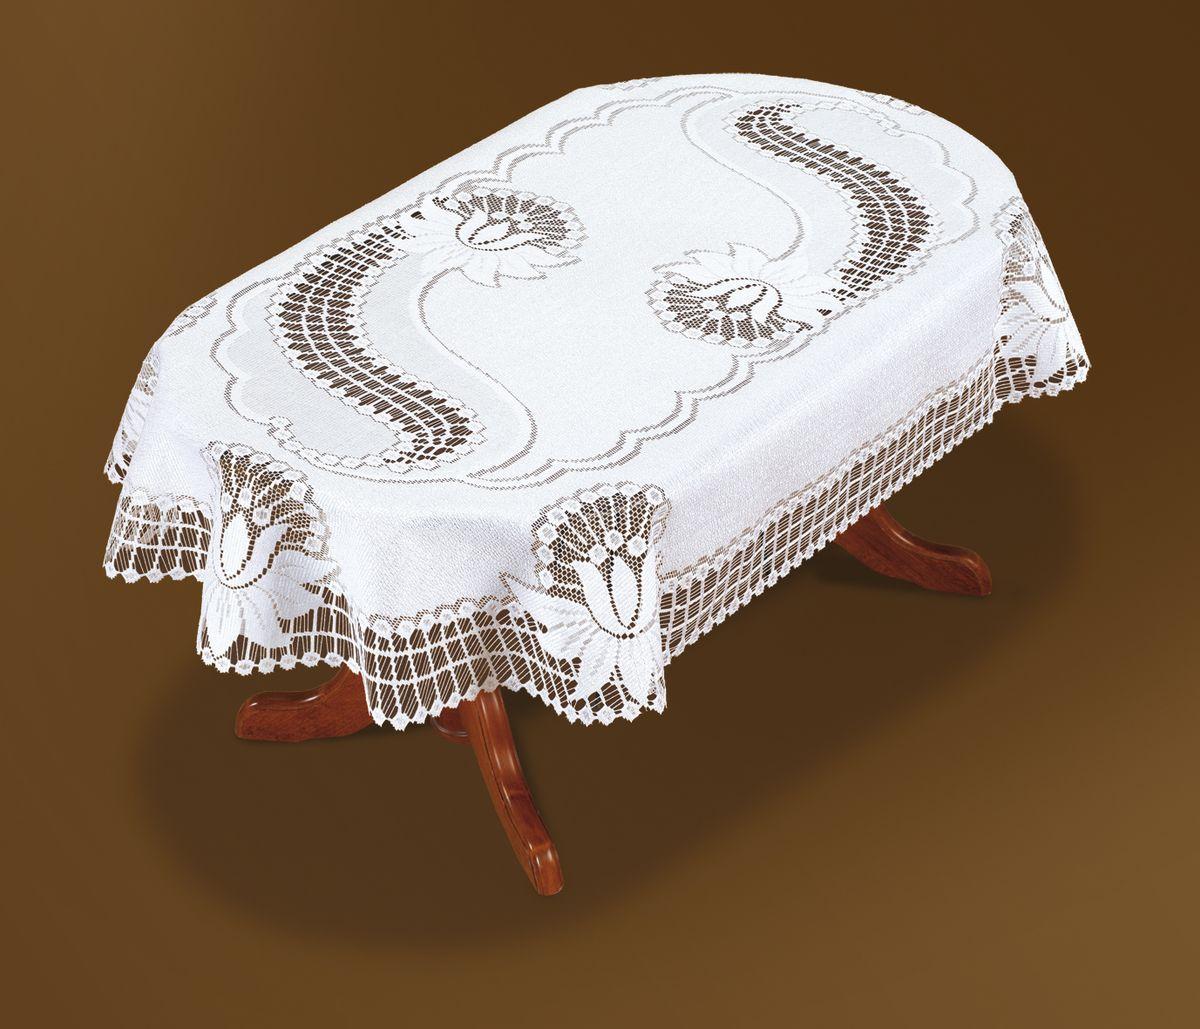 Скатерть Haft, овальная, цвет: белый, 250x 140 см. 46081-14046081-140Великолепная овальная скатерть Haft, выполненная из полиэстера, органично впишется в интерьер любого помещения, а оригинальный дизайн удовлетворит даже самый изысканный вкус. Скатерть изготовлена из сетчатого материала с ажурным рисунком. Края скатерти закруглены.Скатерть Haft создаст праздничное настроение и станет прекрасным дополнением интерьера гостиной, кухни или столовой.